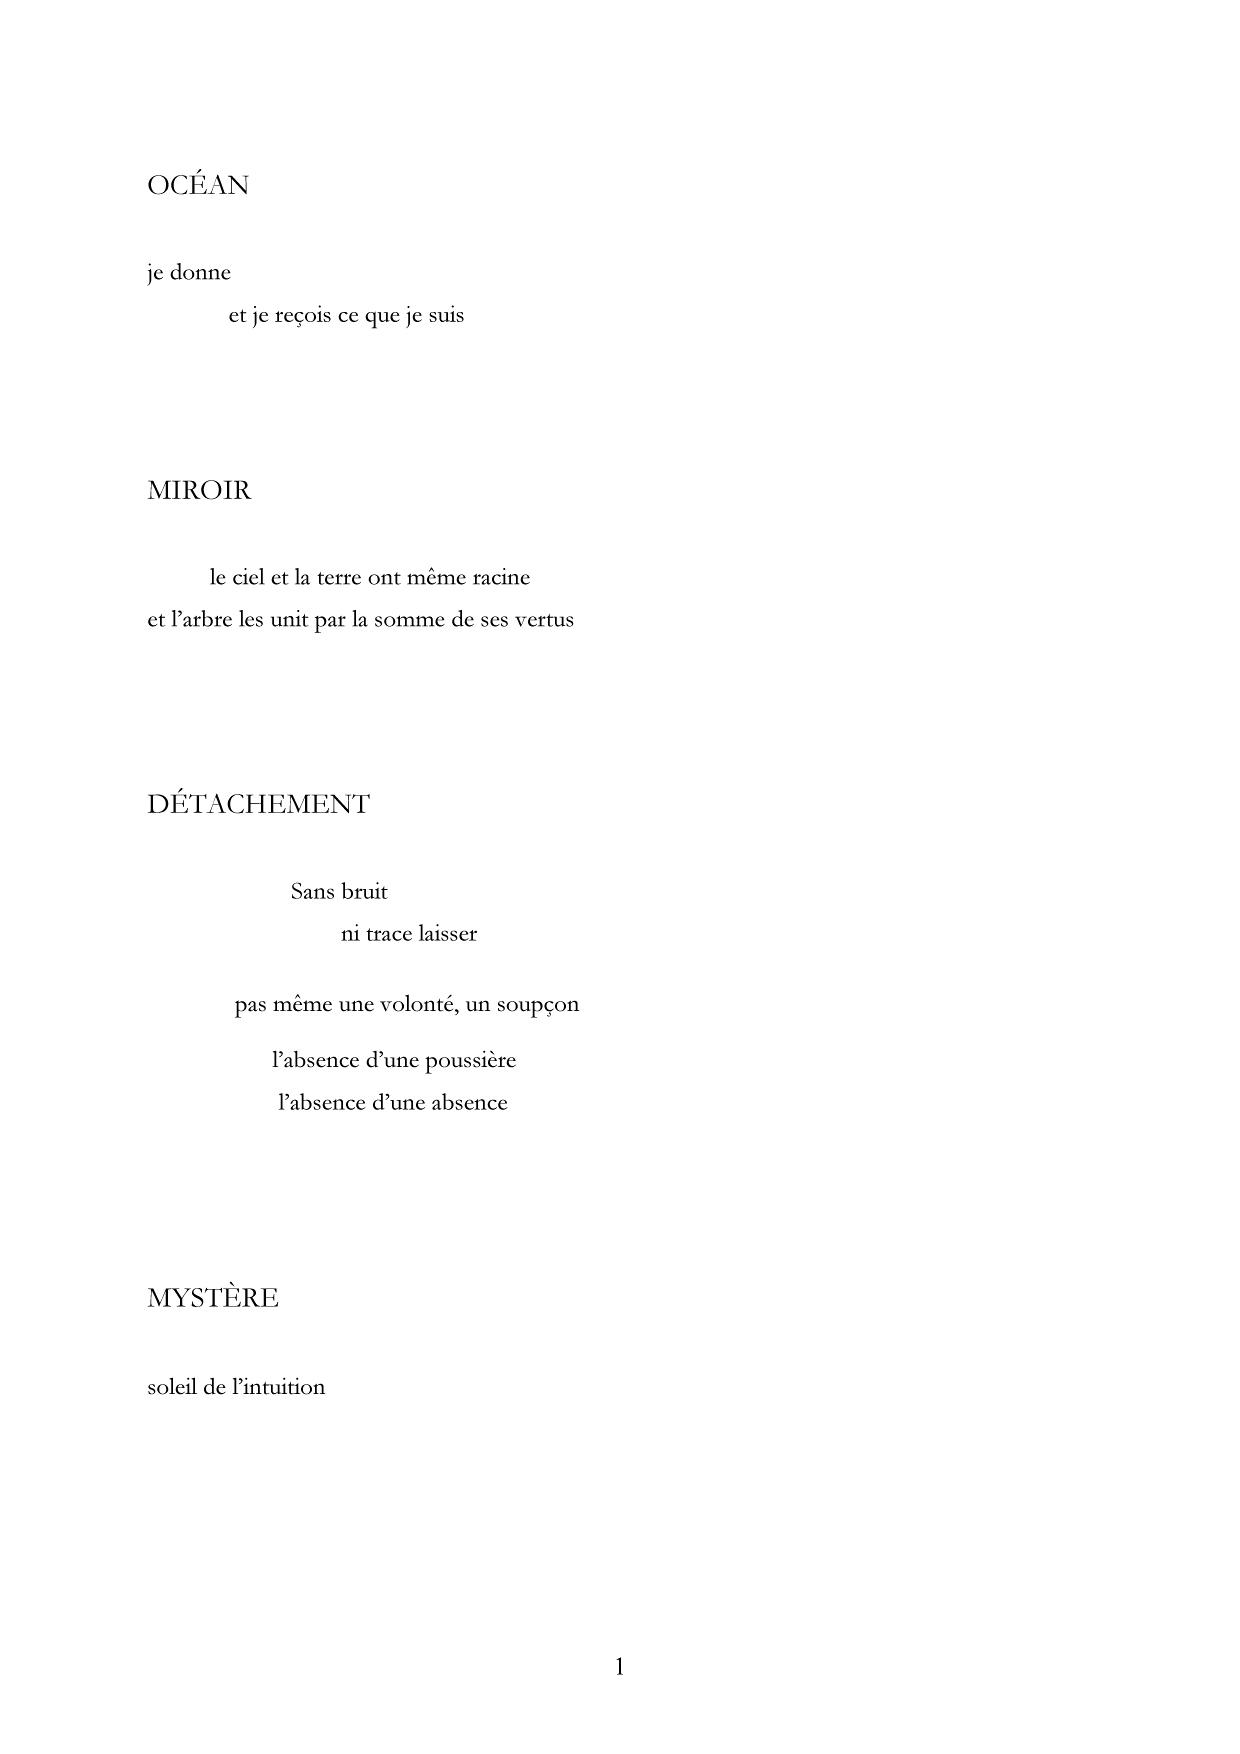 Monologue des sources, Extrait 1 Lachenal & Ritter-Gallimard, 1987